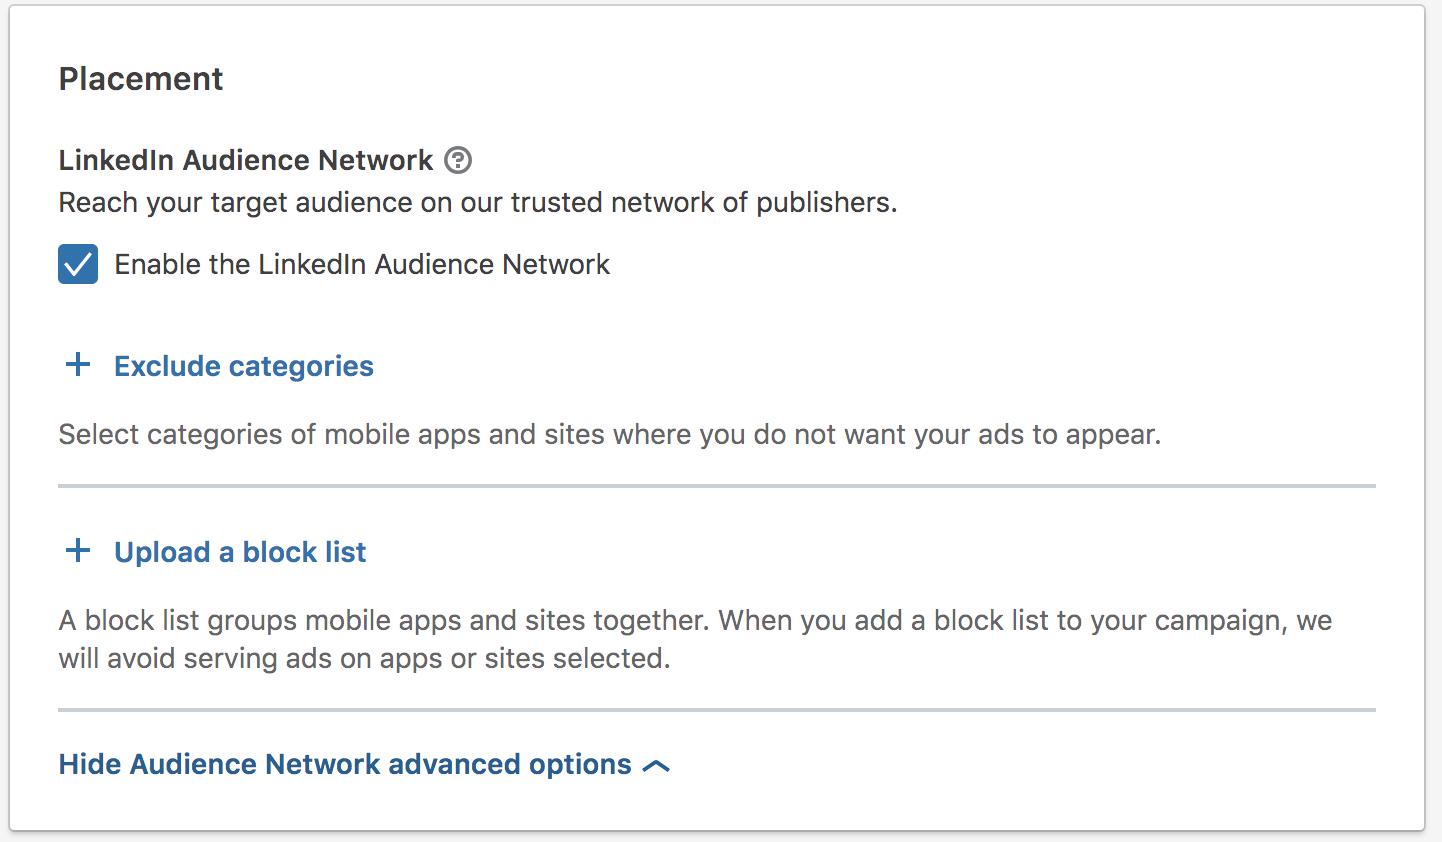 Исключить или заблокировать определенные категории, приложения и сайты в сети LinkedIn